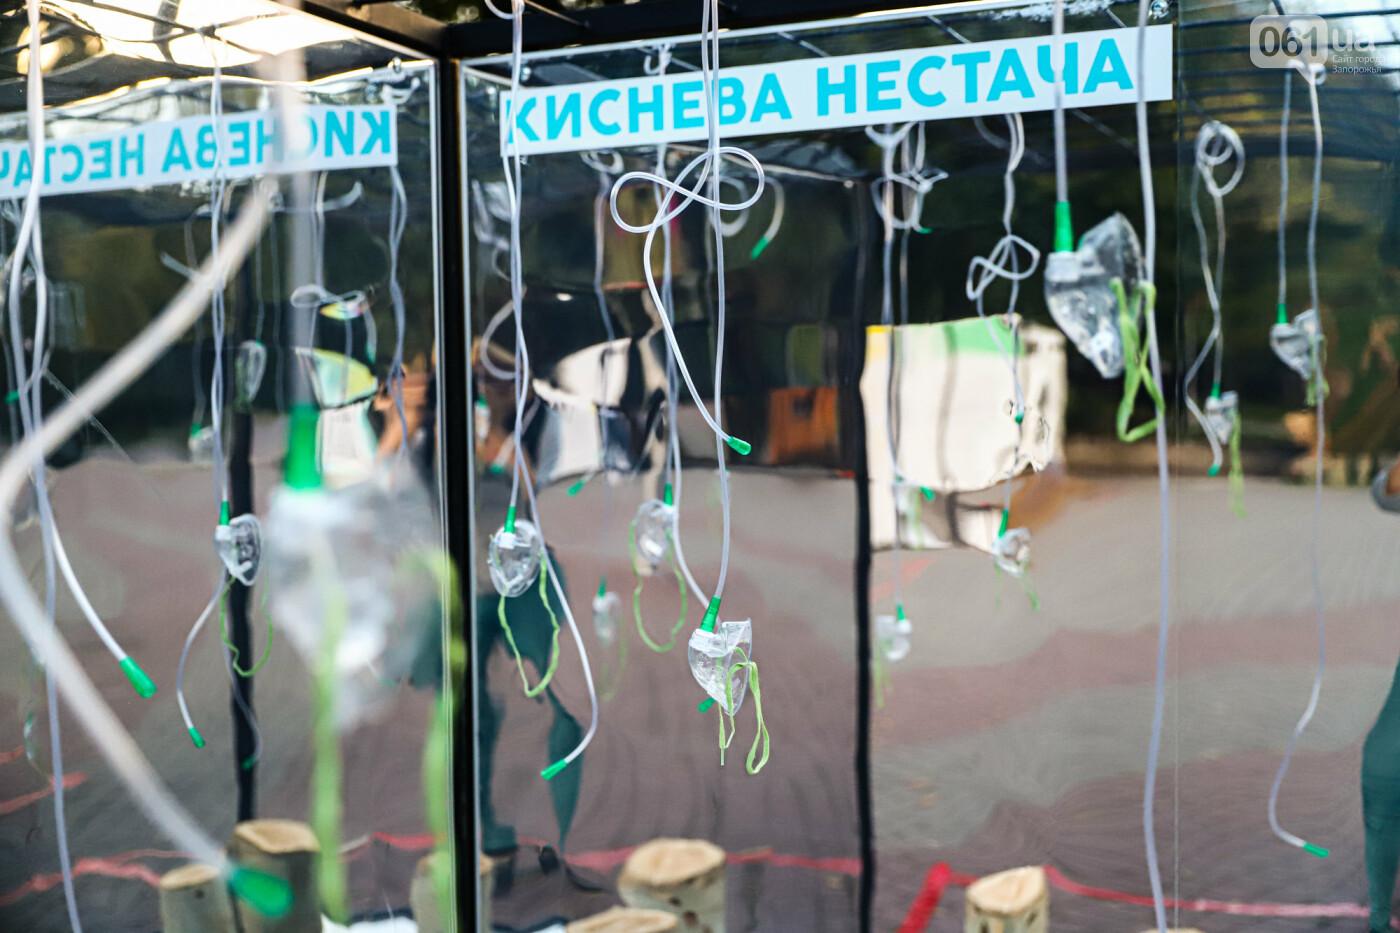 Огромная стиральная машина и комната из фольги: в центре Запорожья открылась эко-выставка, - ФОТОРЕПОРТАЖ , фото-21